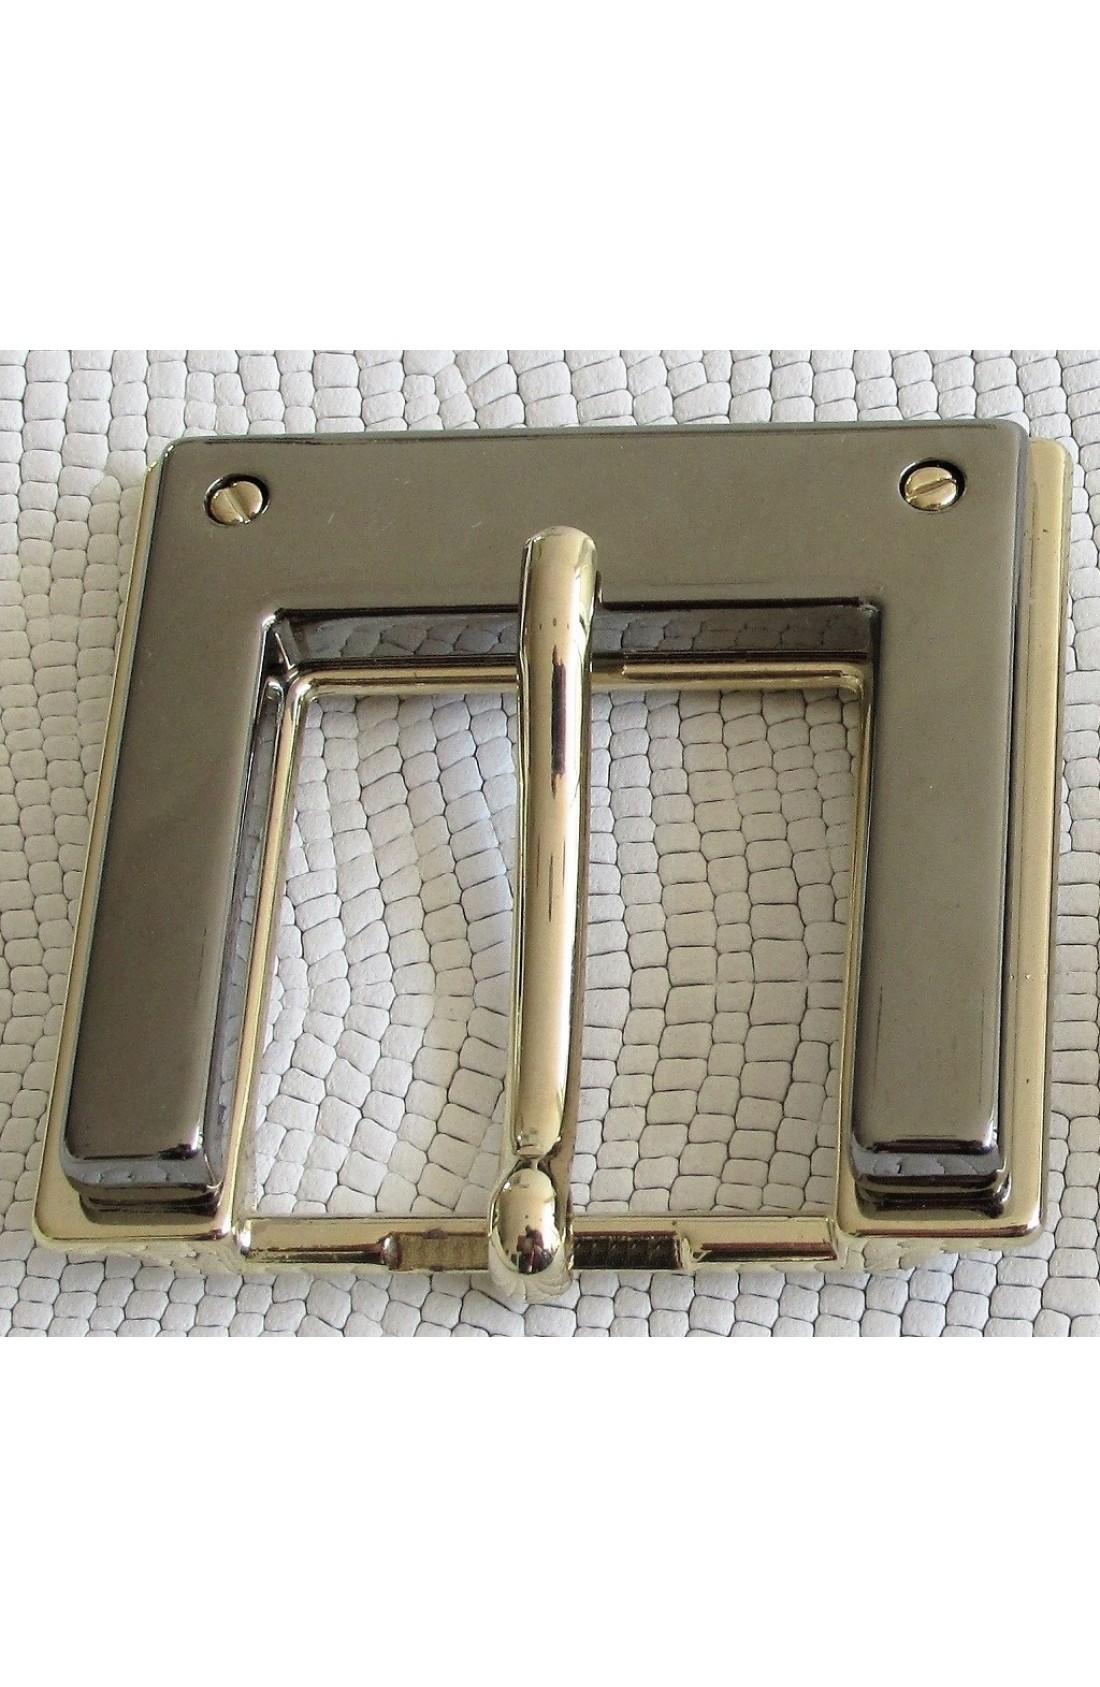 Fibbia Speciale I 128 mm.30 oro chiaro free con 2 viti +inserto canna fucile